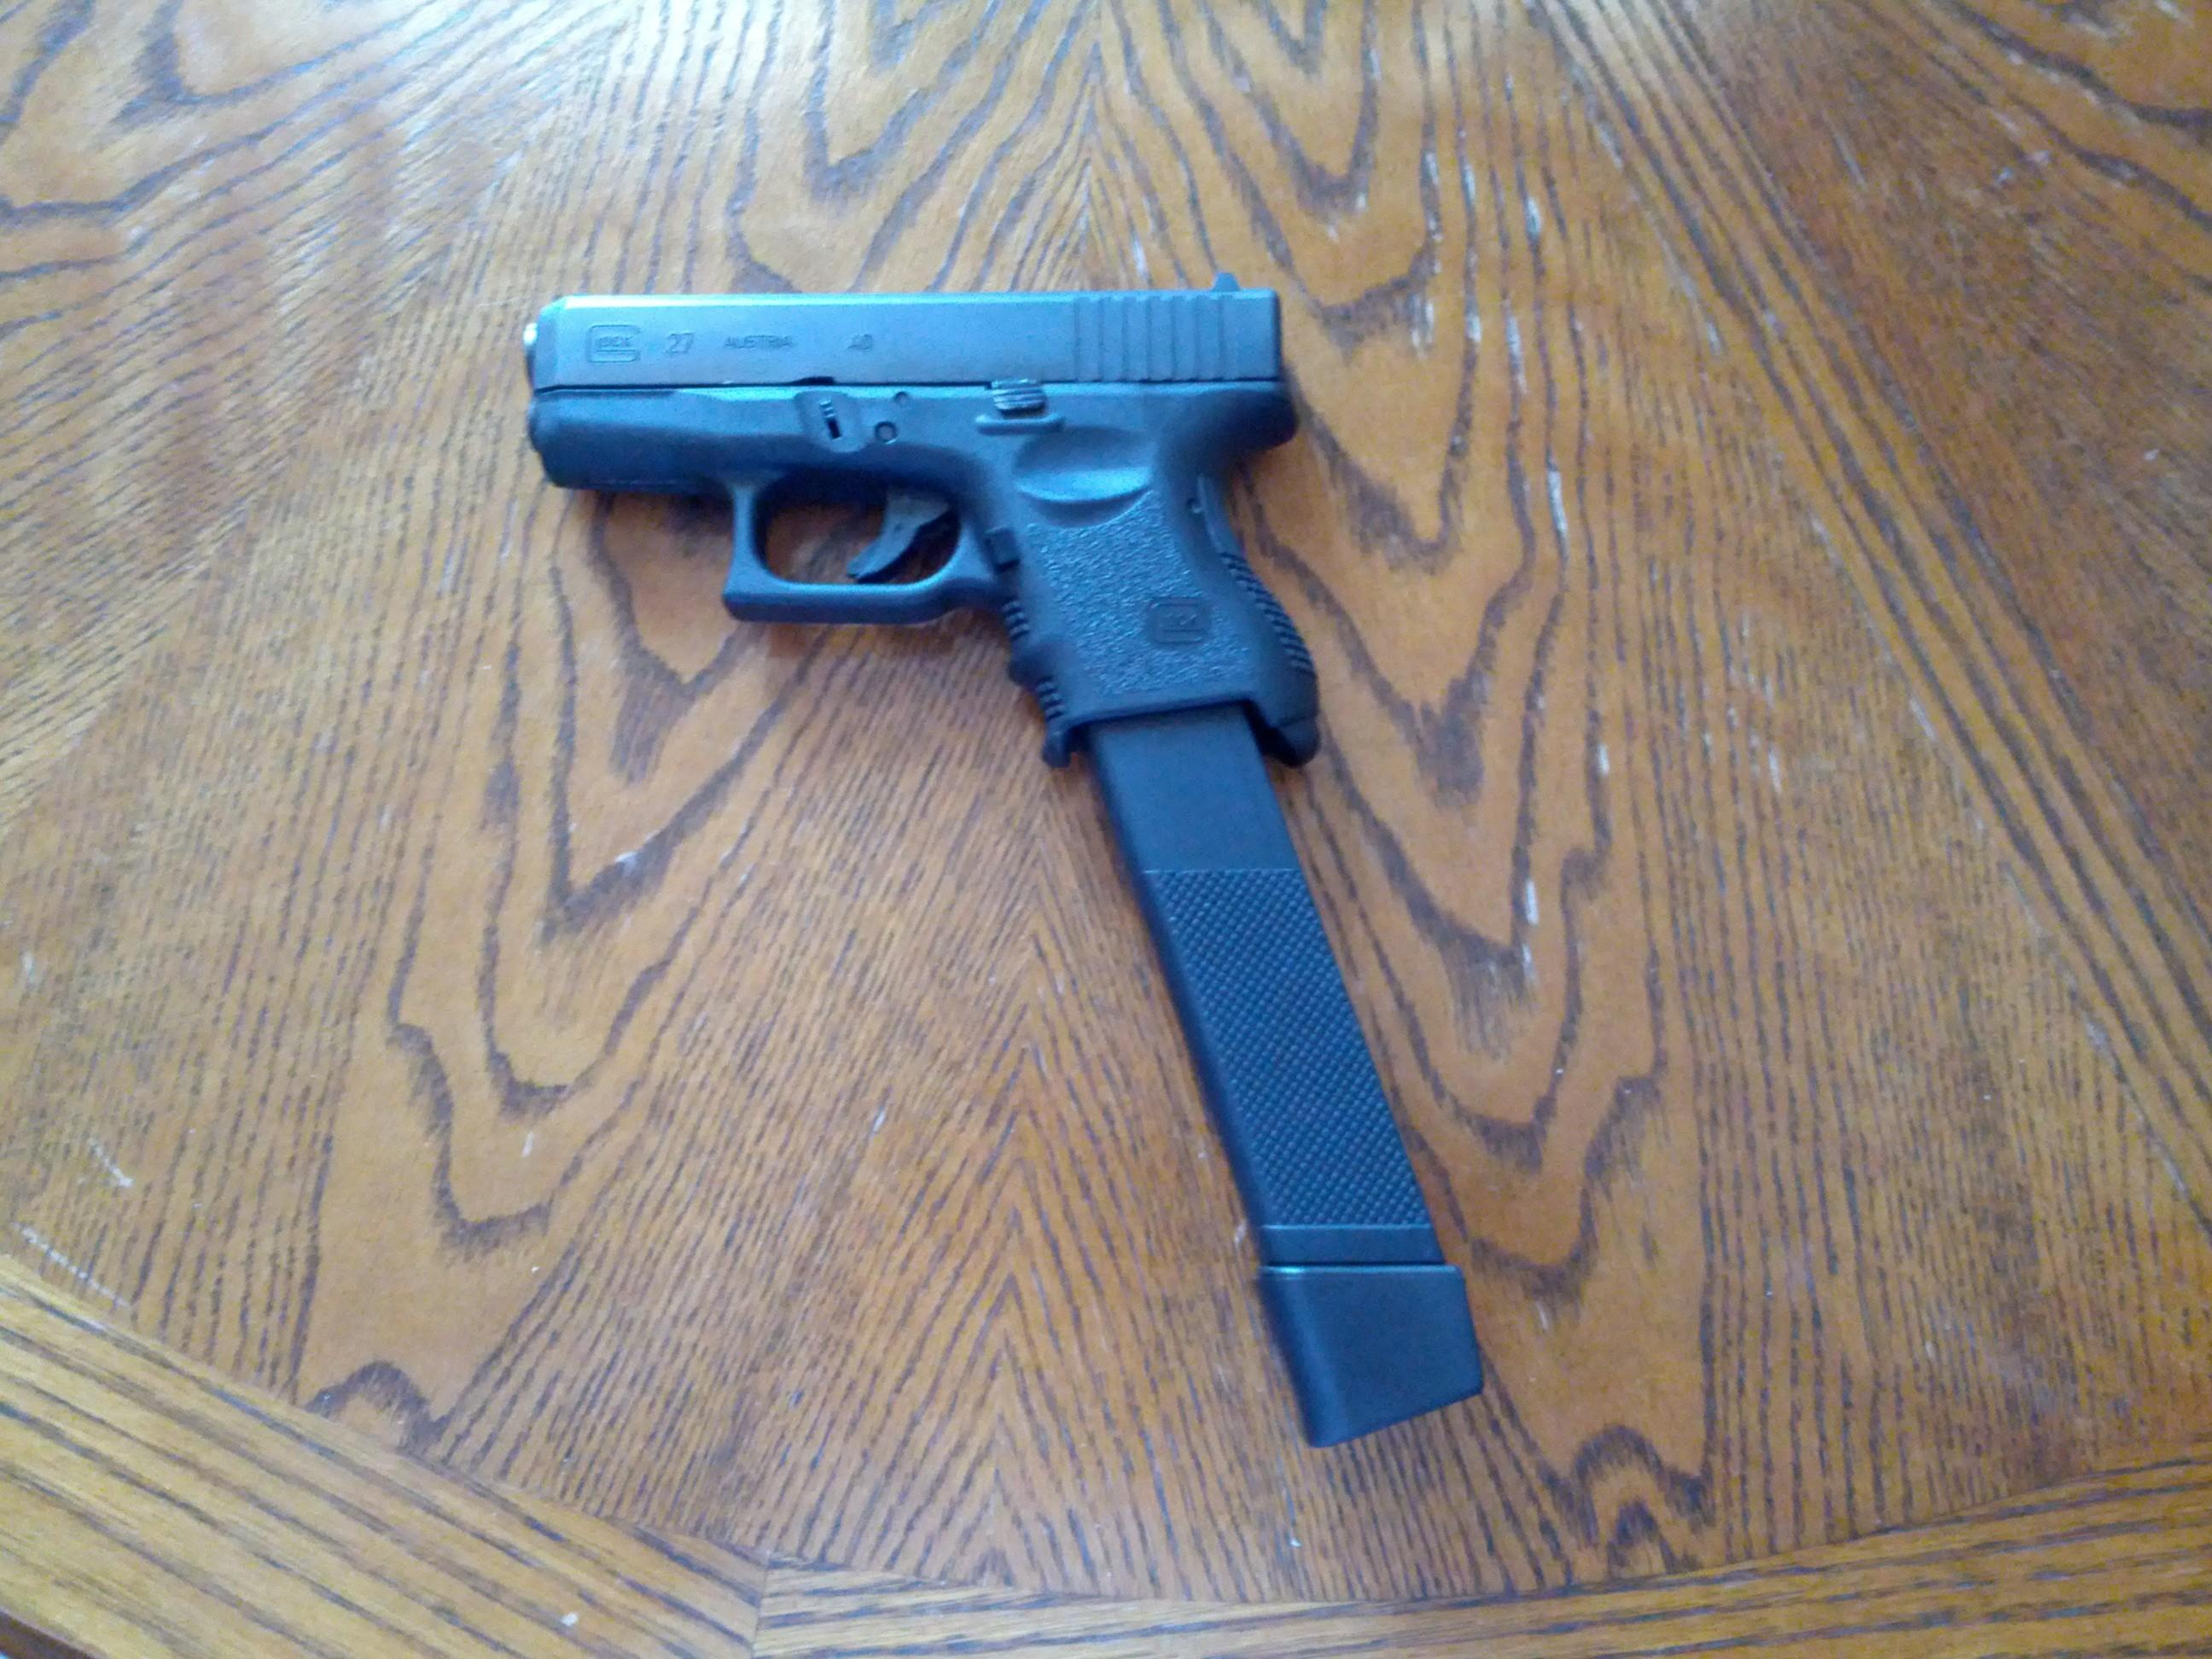 My Gen 3 Glock 27 kicks like a Clydesdale